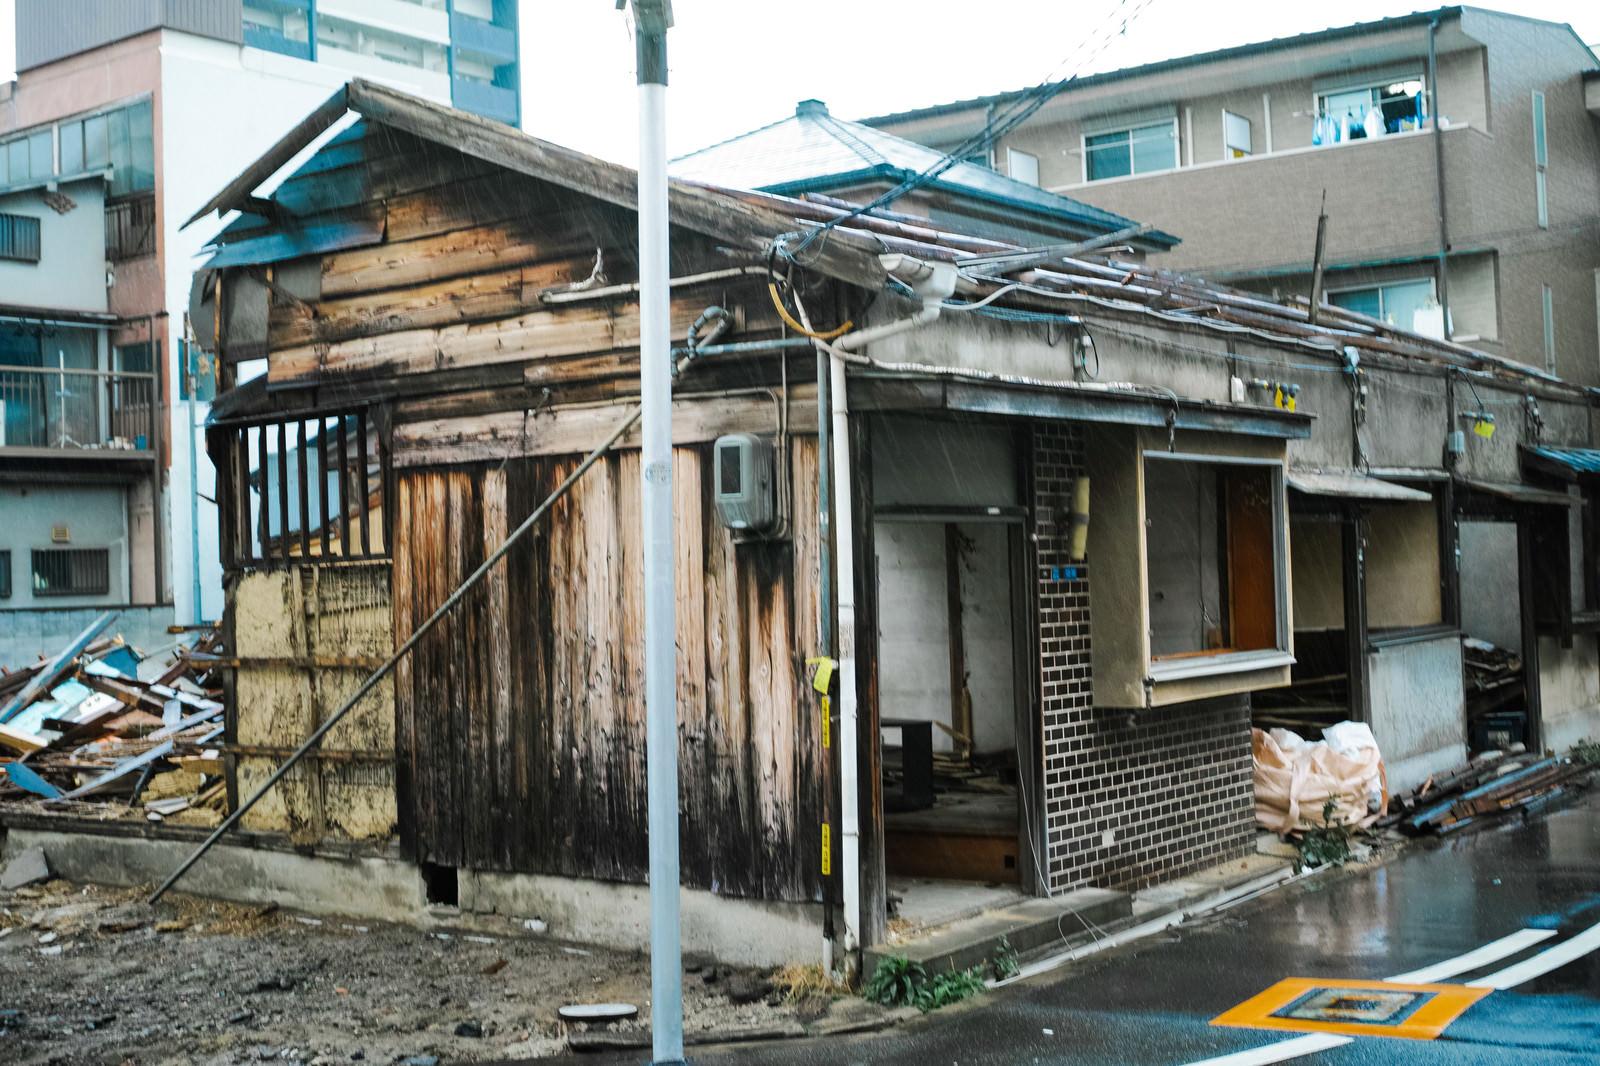 「半壊した家屋」の写真